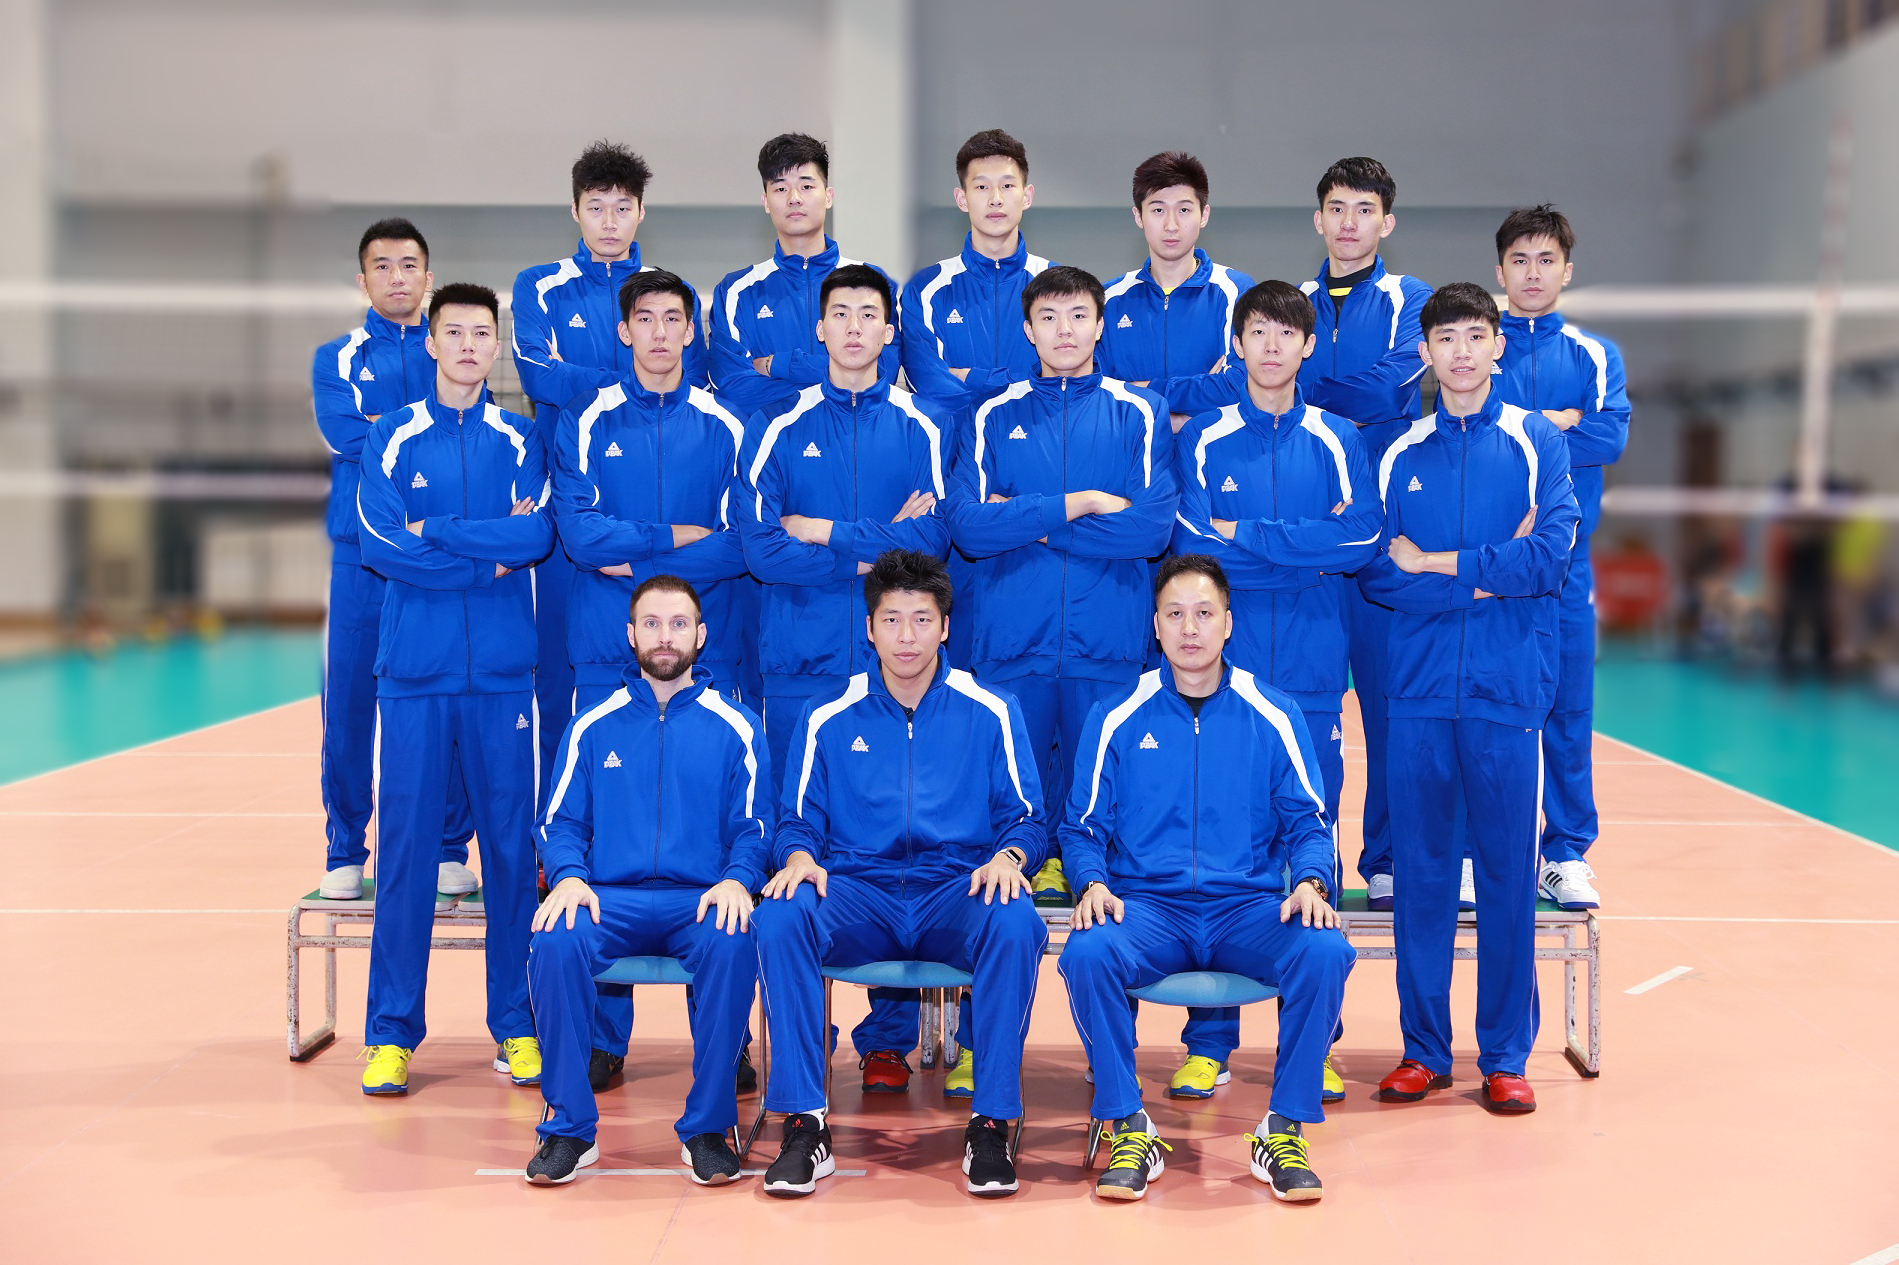 Shanghai Volleyball Club